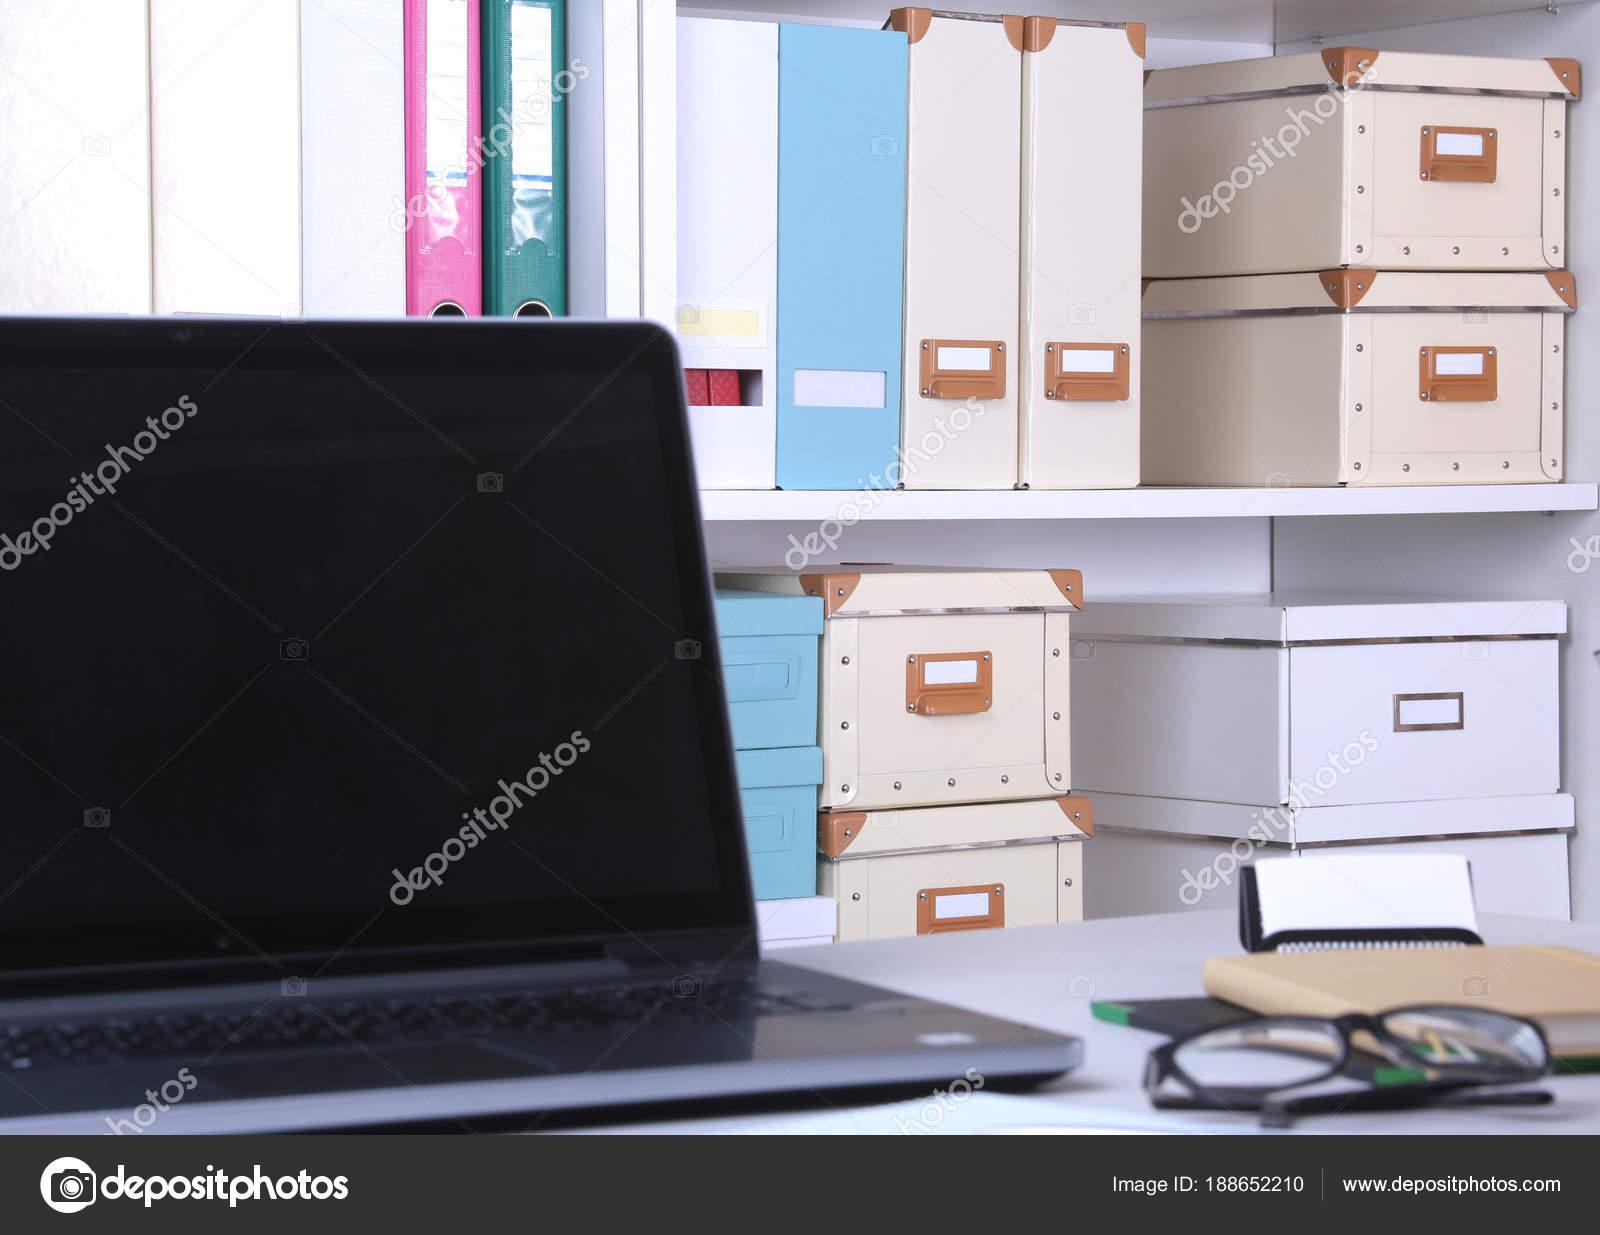 Nahaufnahme Der Komfortable Arbeitsplatz Im Büro Mit Laptop Maus